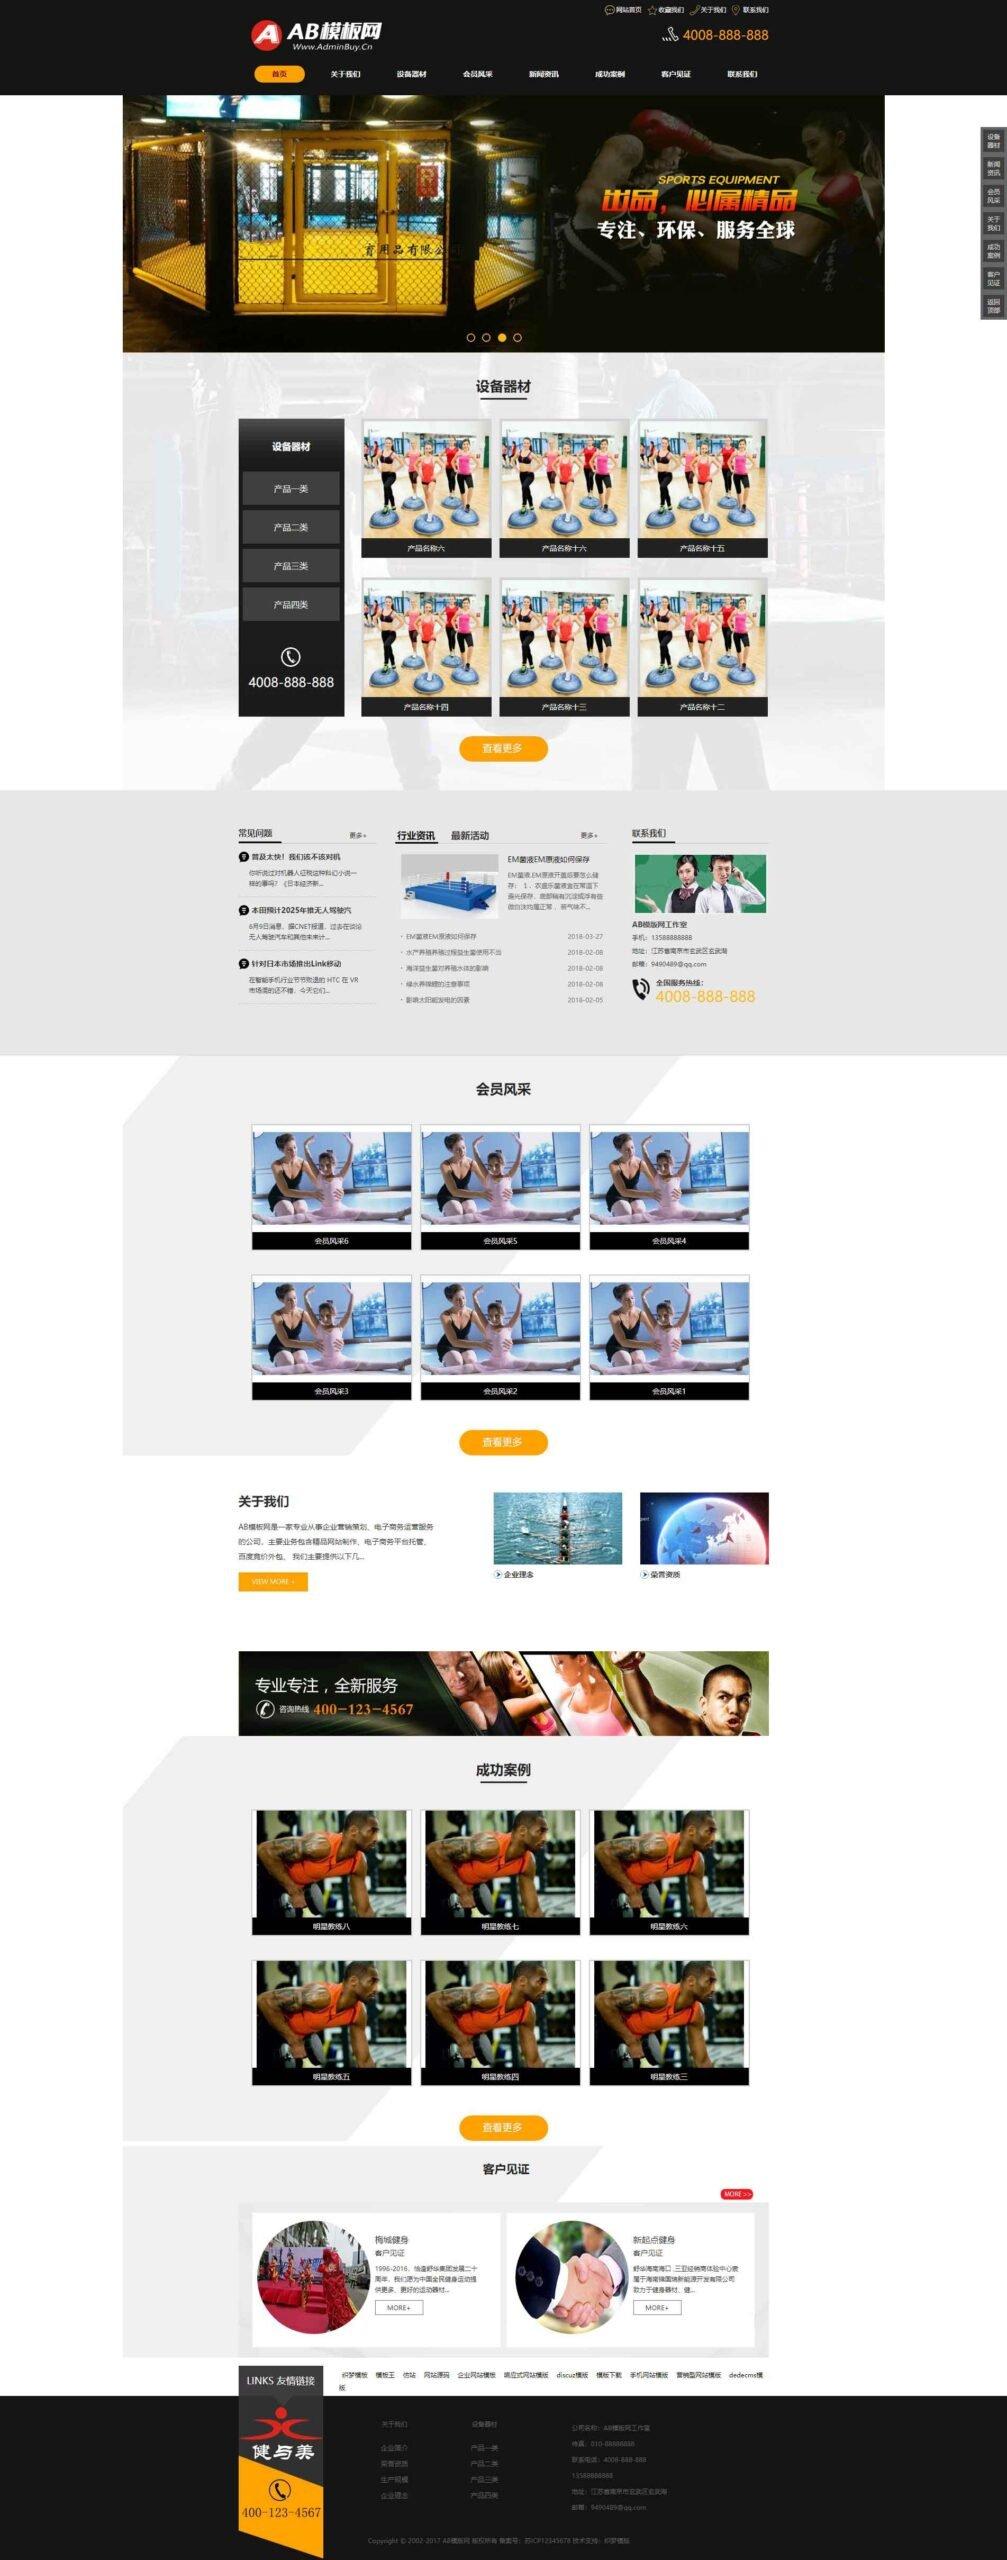 鹤云资源博客-健身器材俱乐部企业网站织梦dede模板源码[带手机版数据同步]插图